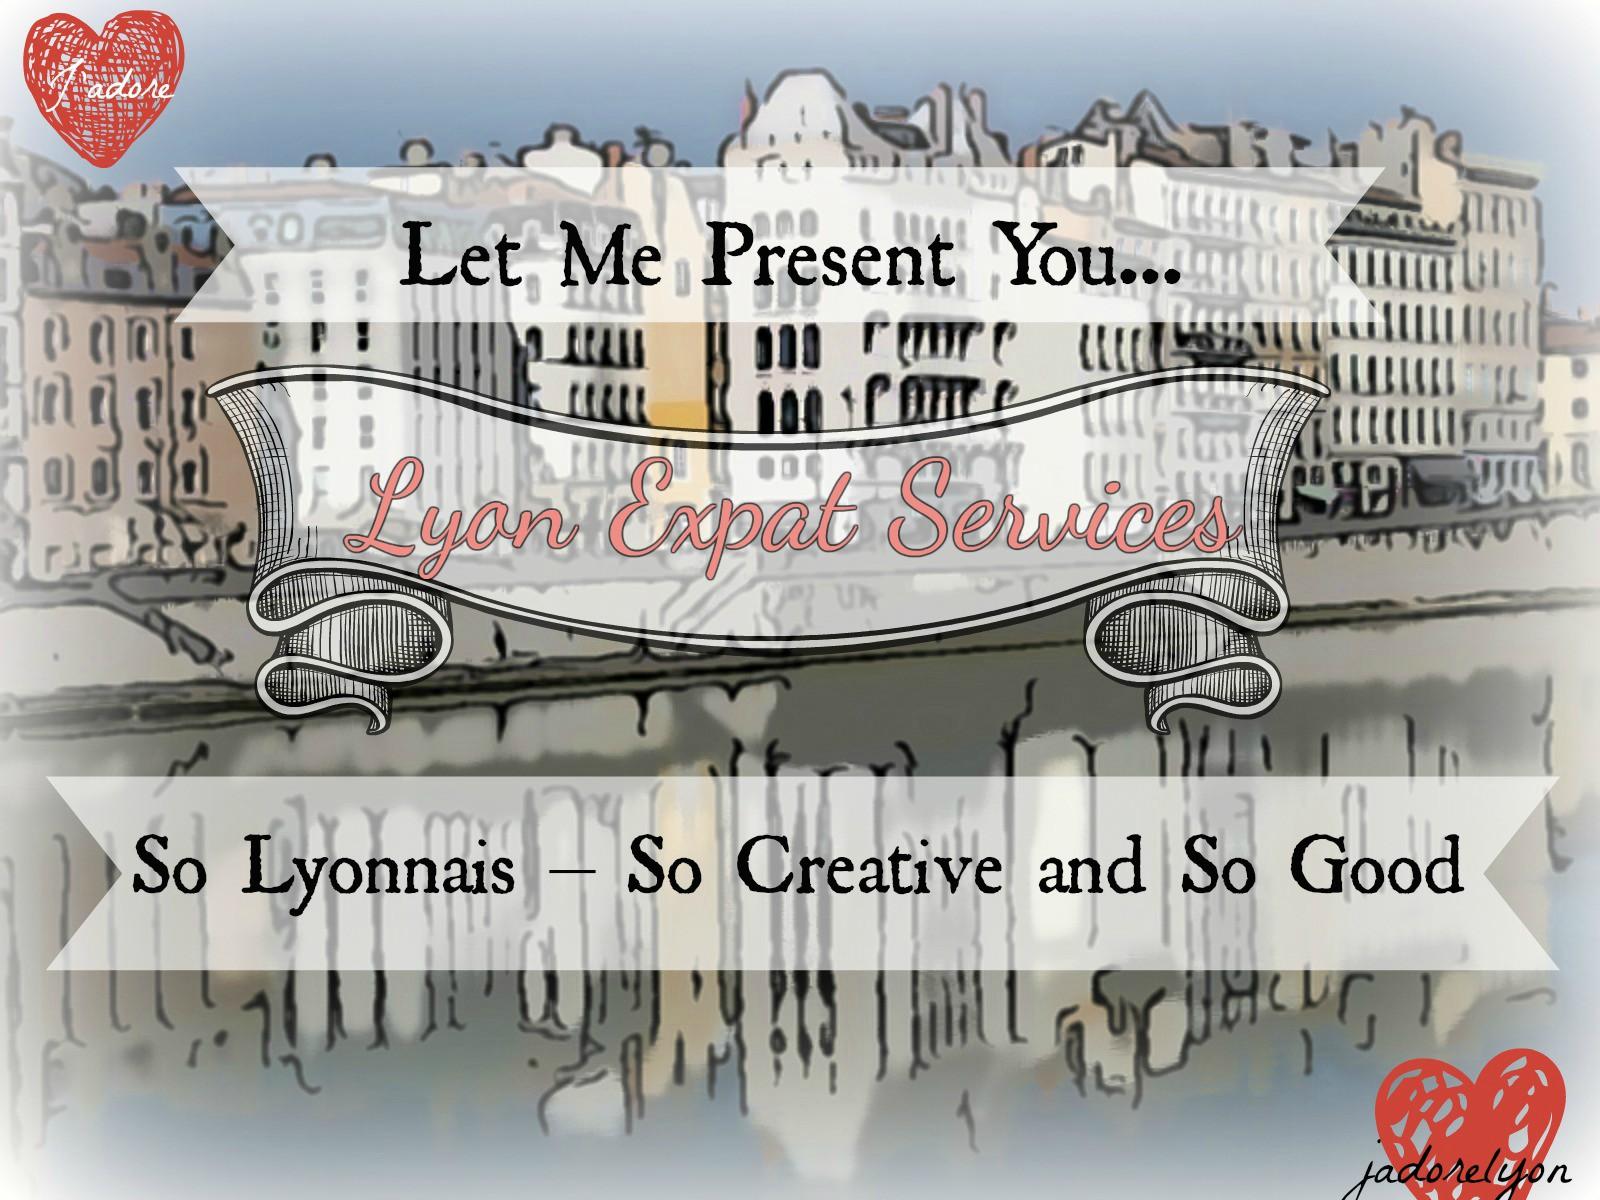 Letmepresentyou-LyonExpatServices